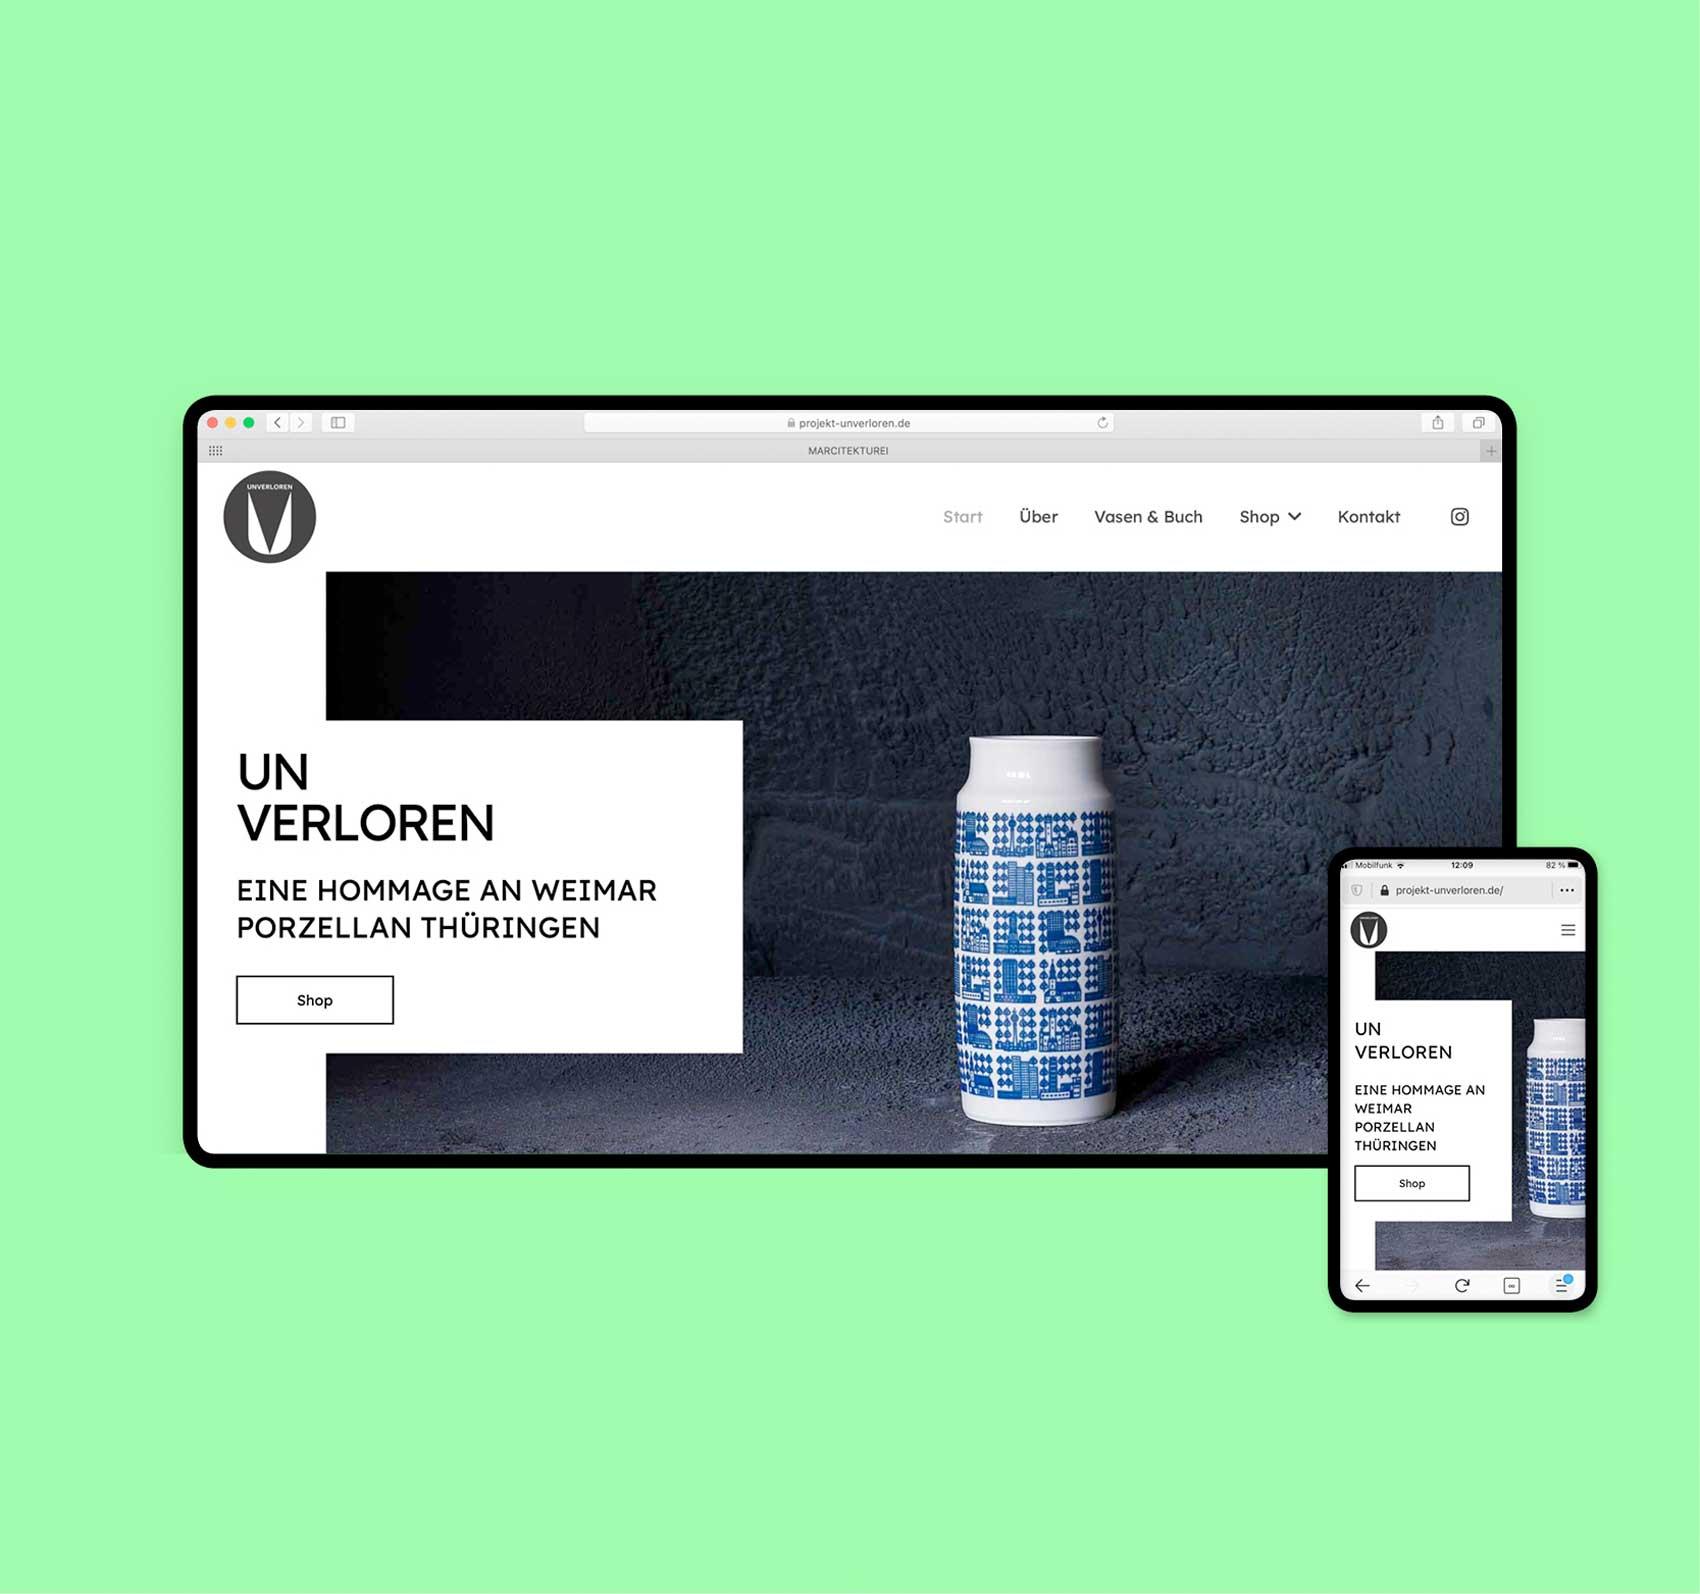 Webdesign Hamburg | Webseite /Onlineshop Referenz | www.projekt-unverloren.de